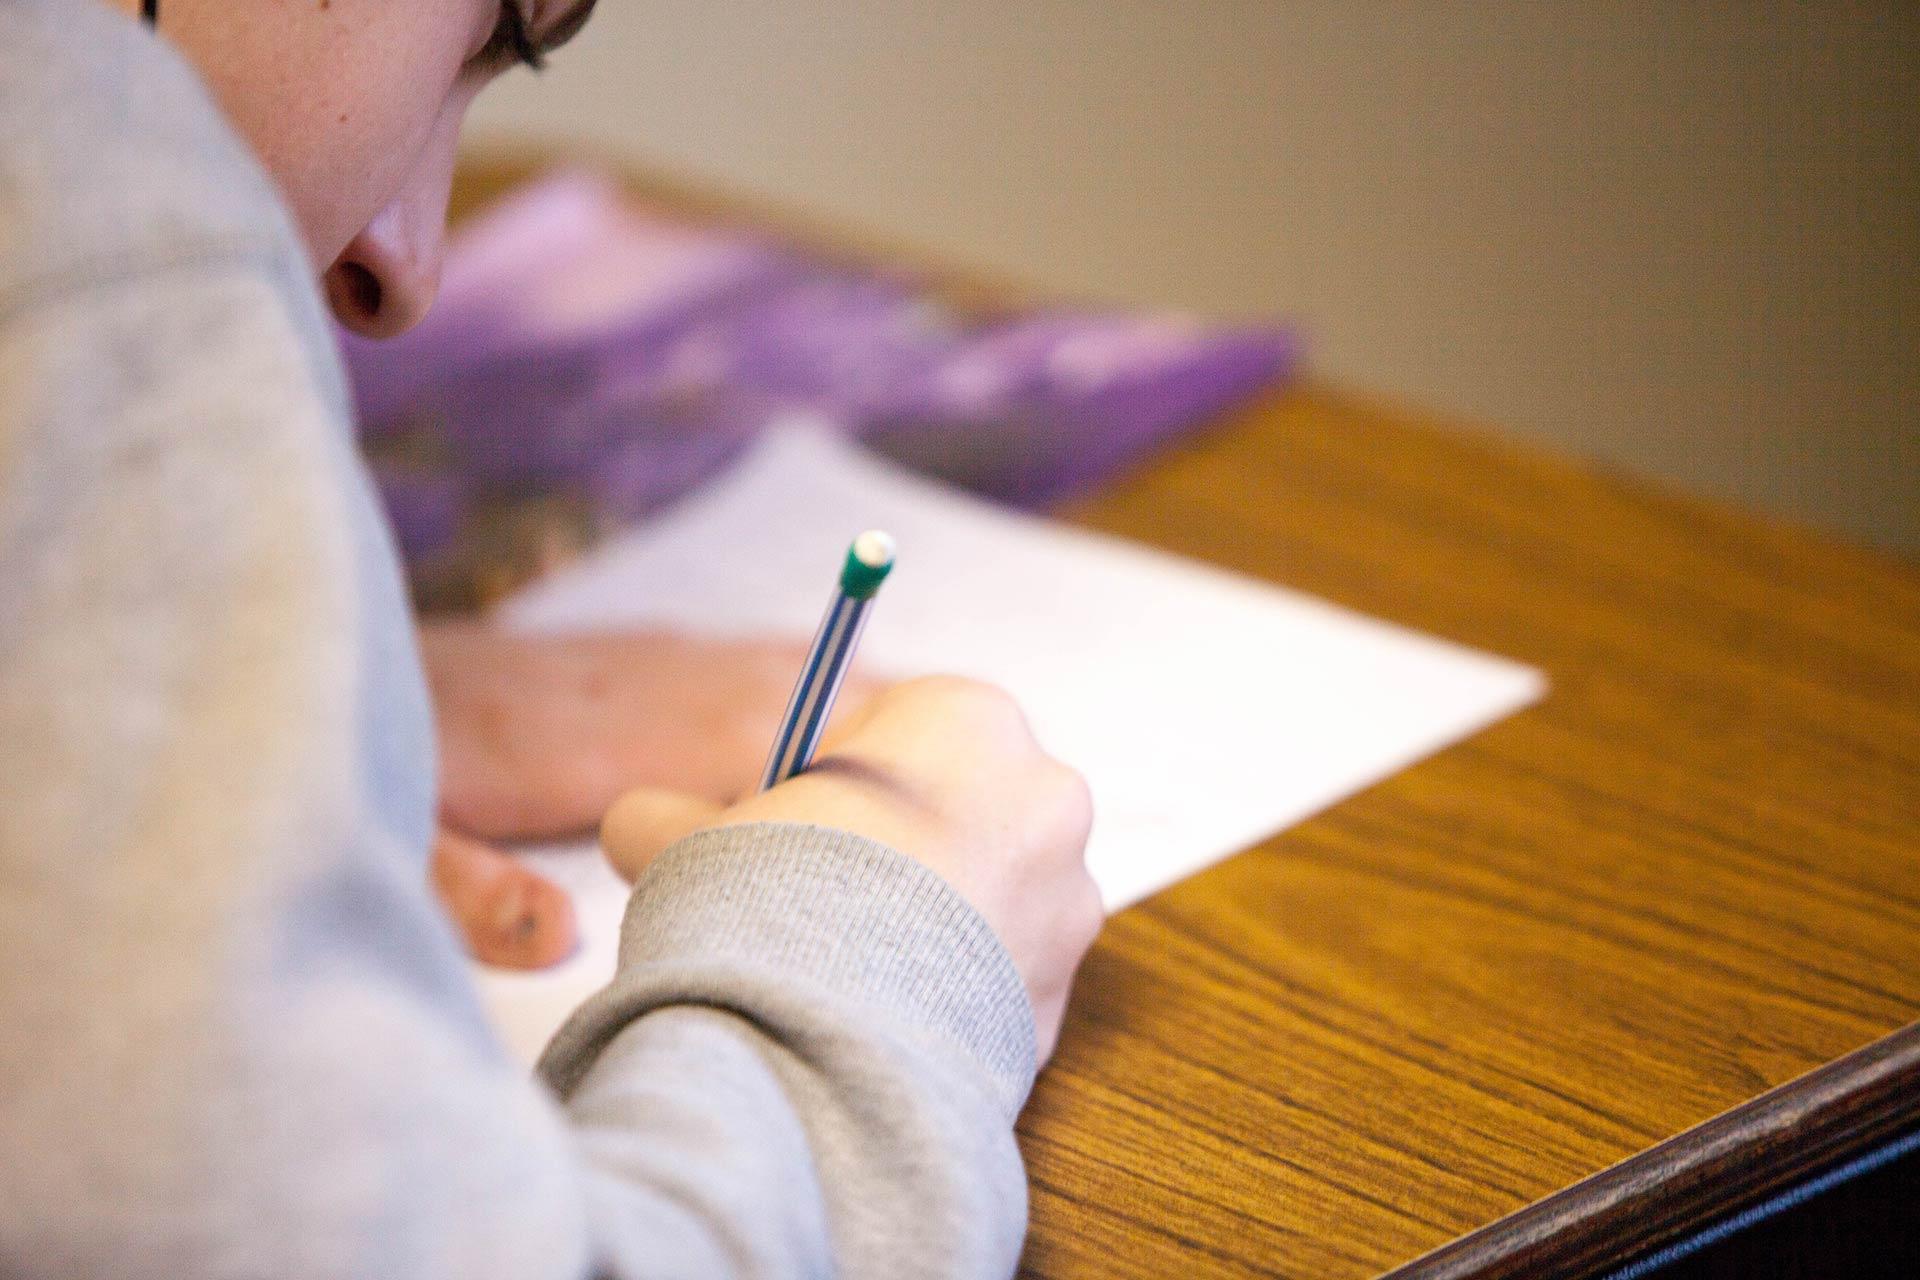 cursos-extensivos-ingles-niños-adolescentes-examenes-cambridge-arturo-soria-ciudad-lineal